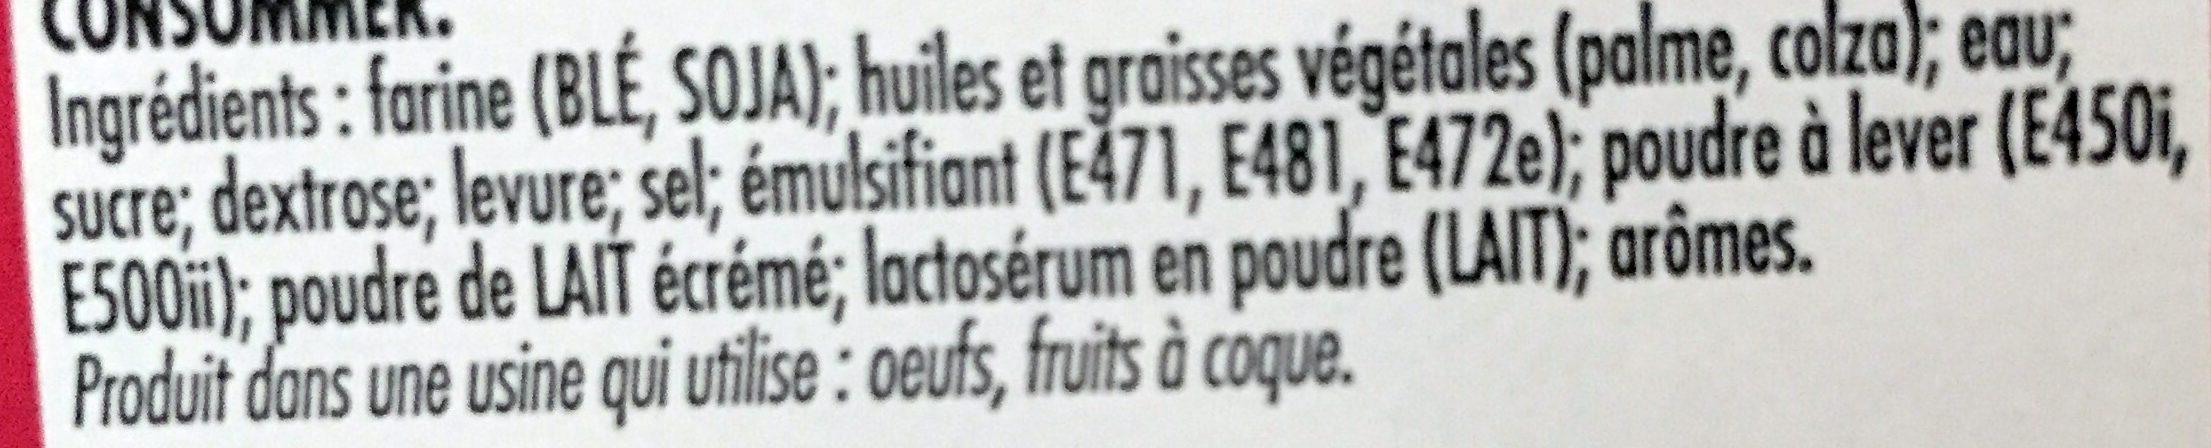 Original Doony's - Ingredients